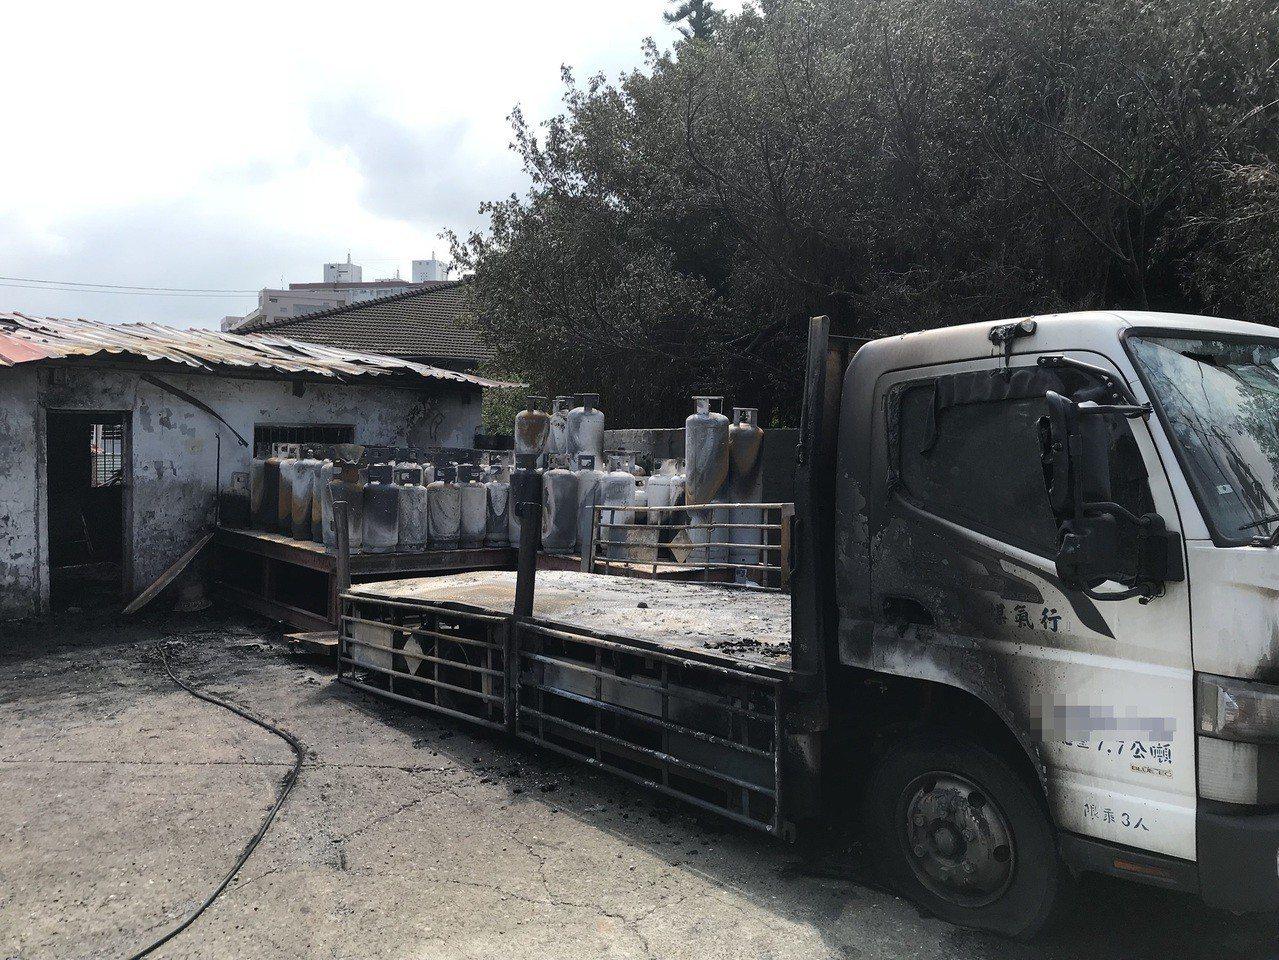 瓦斯鋼瓶、貨車燒毀情況。記者劉星君/翻攝